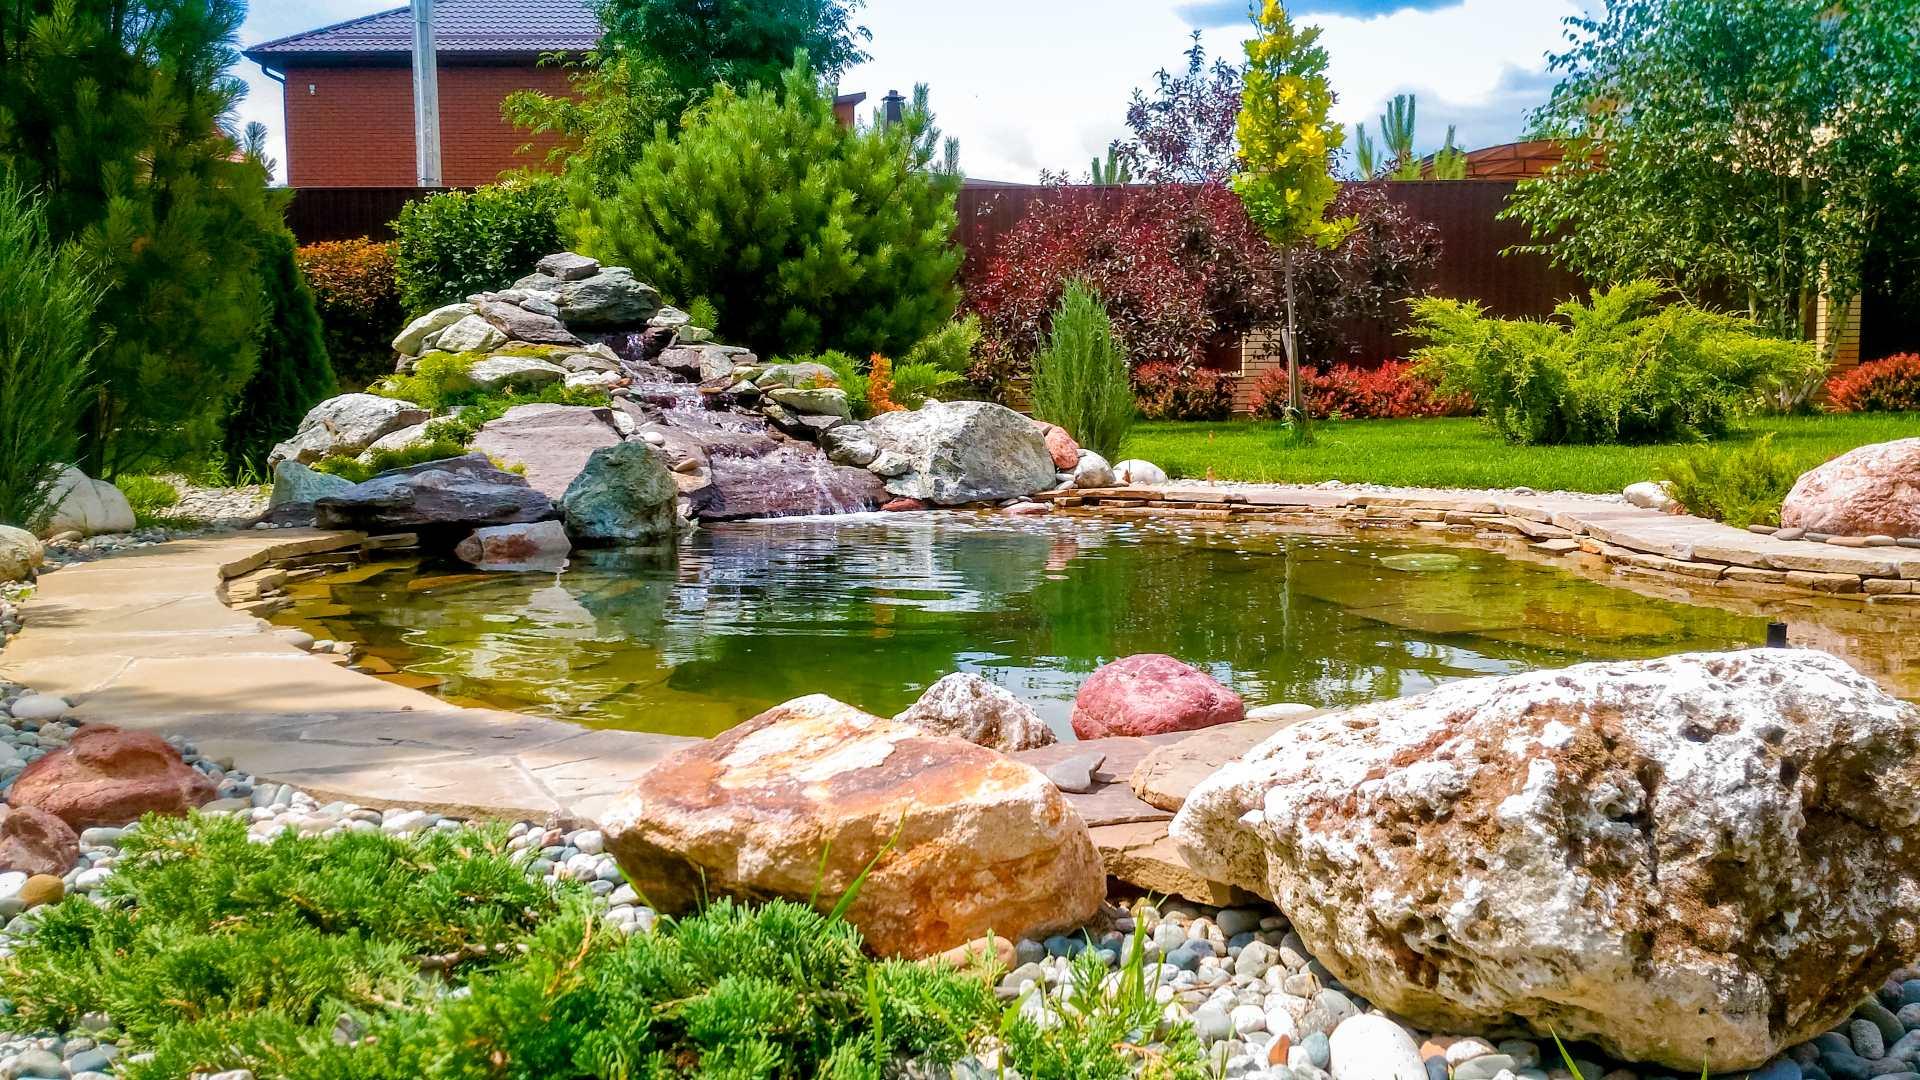 Искусственные и натуральные декоративные камни в ландшафтном дизайне сада